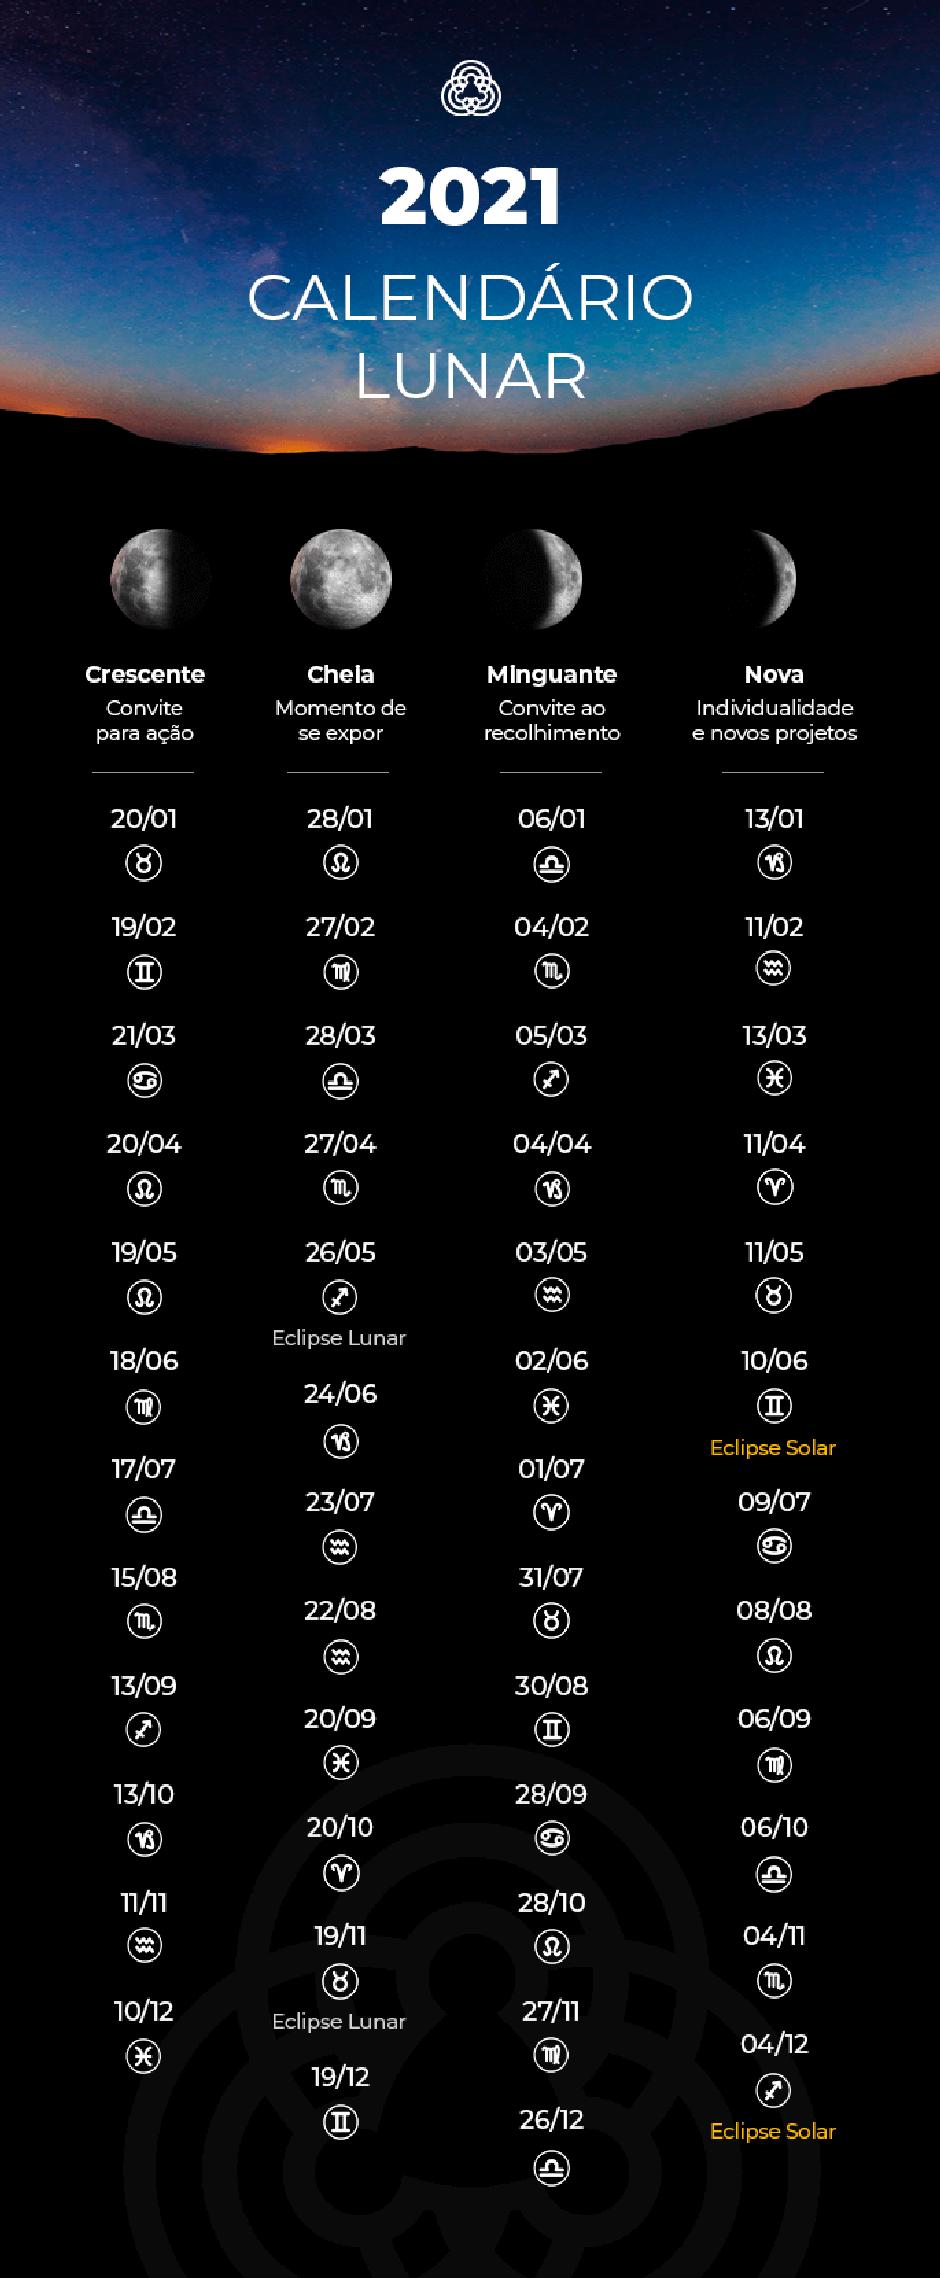 calendário lunar 2021